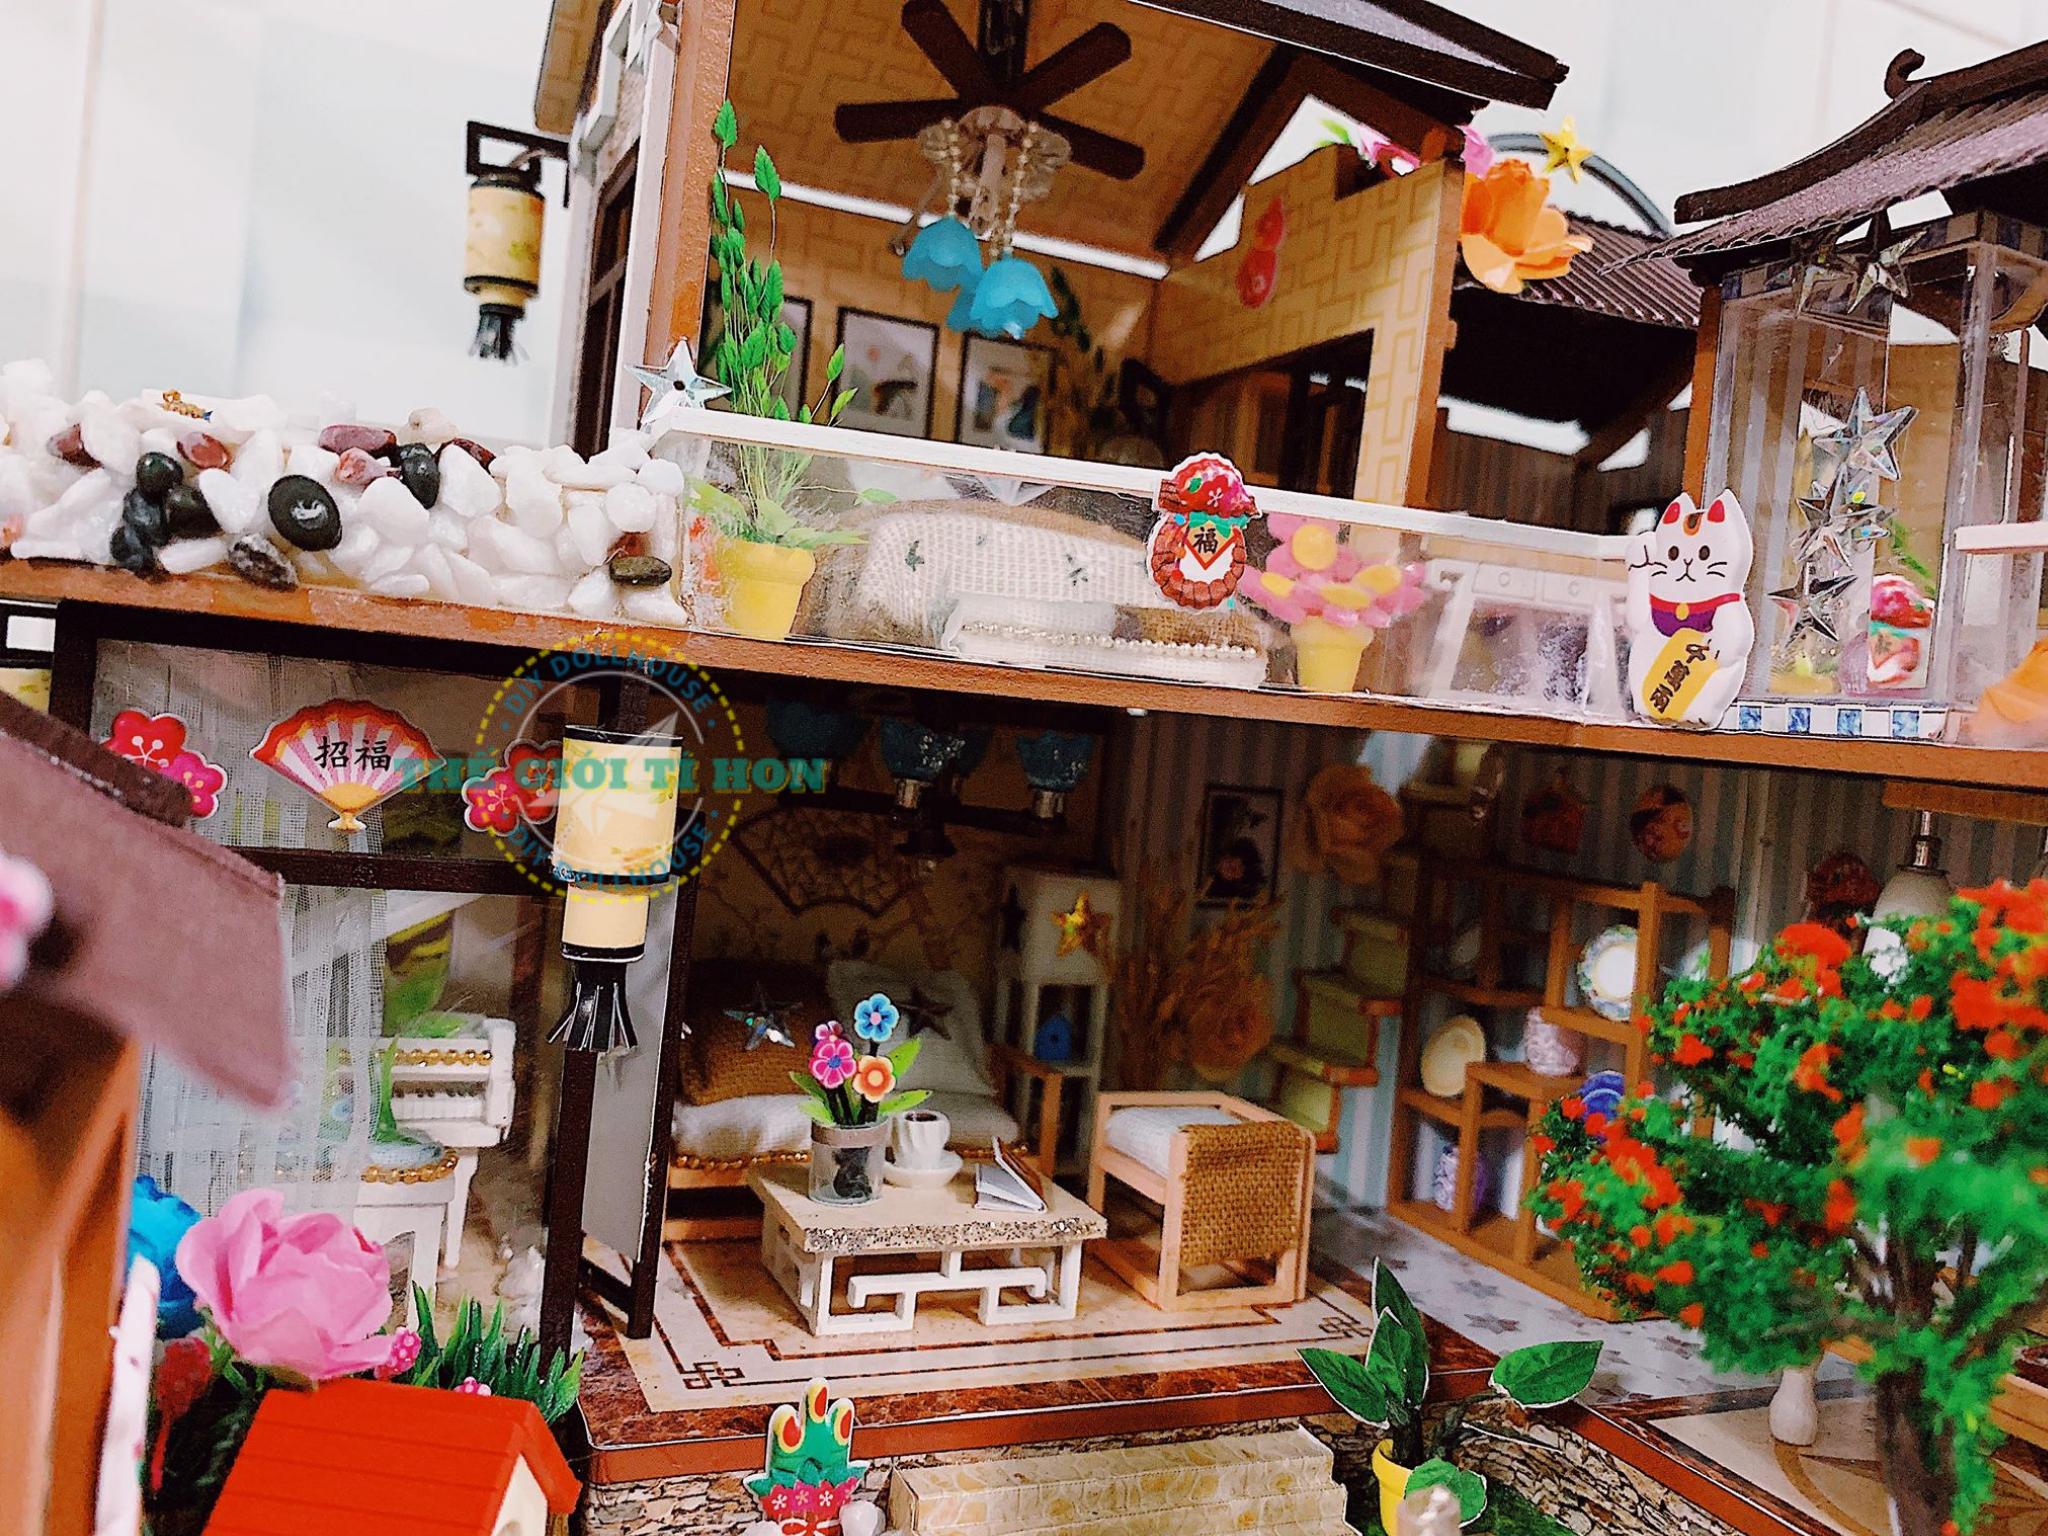 Nhà Mô Hình Cực Đẹp Bằng Gỗ DIY Của Hoàng Ân